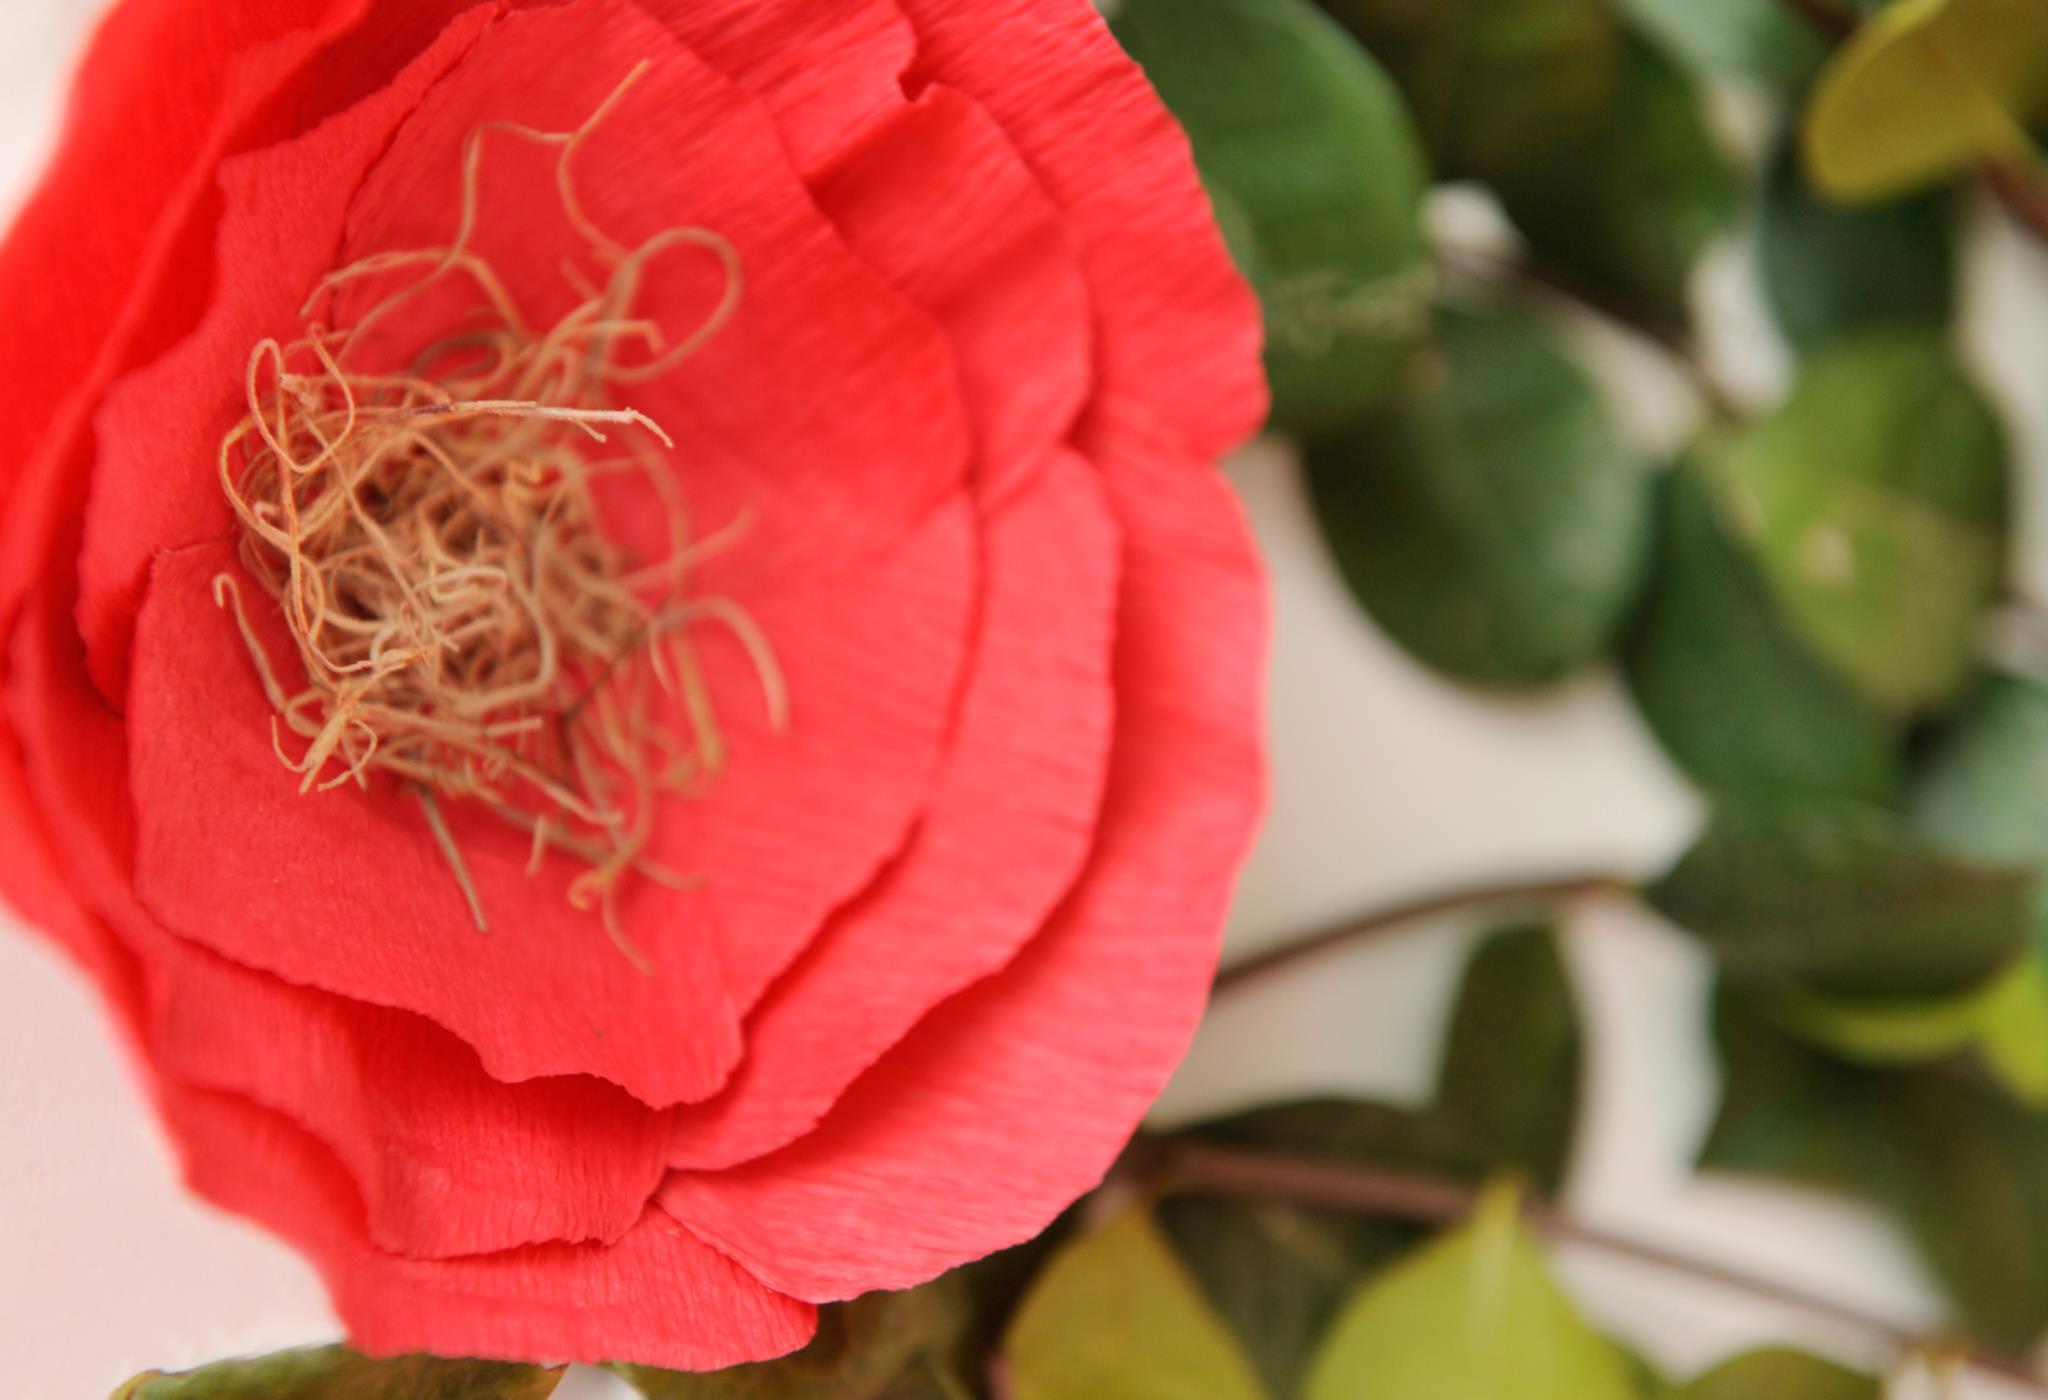 Crepe Paper Flower Party Decor